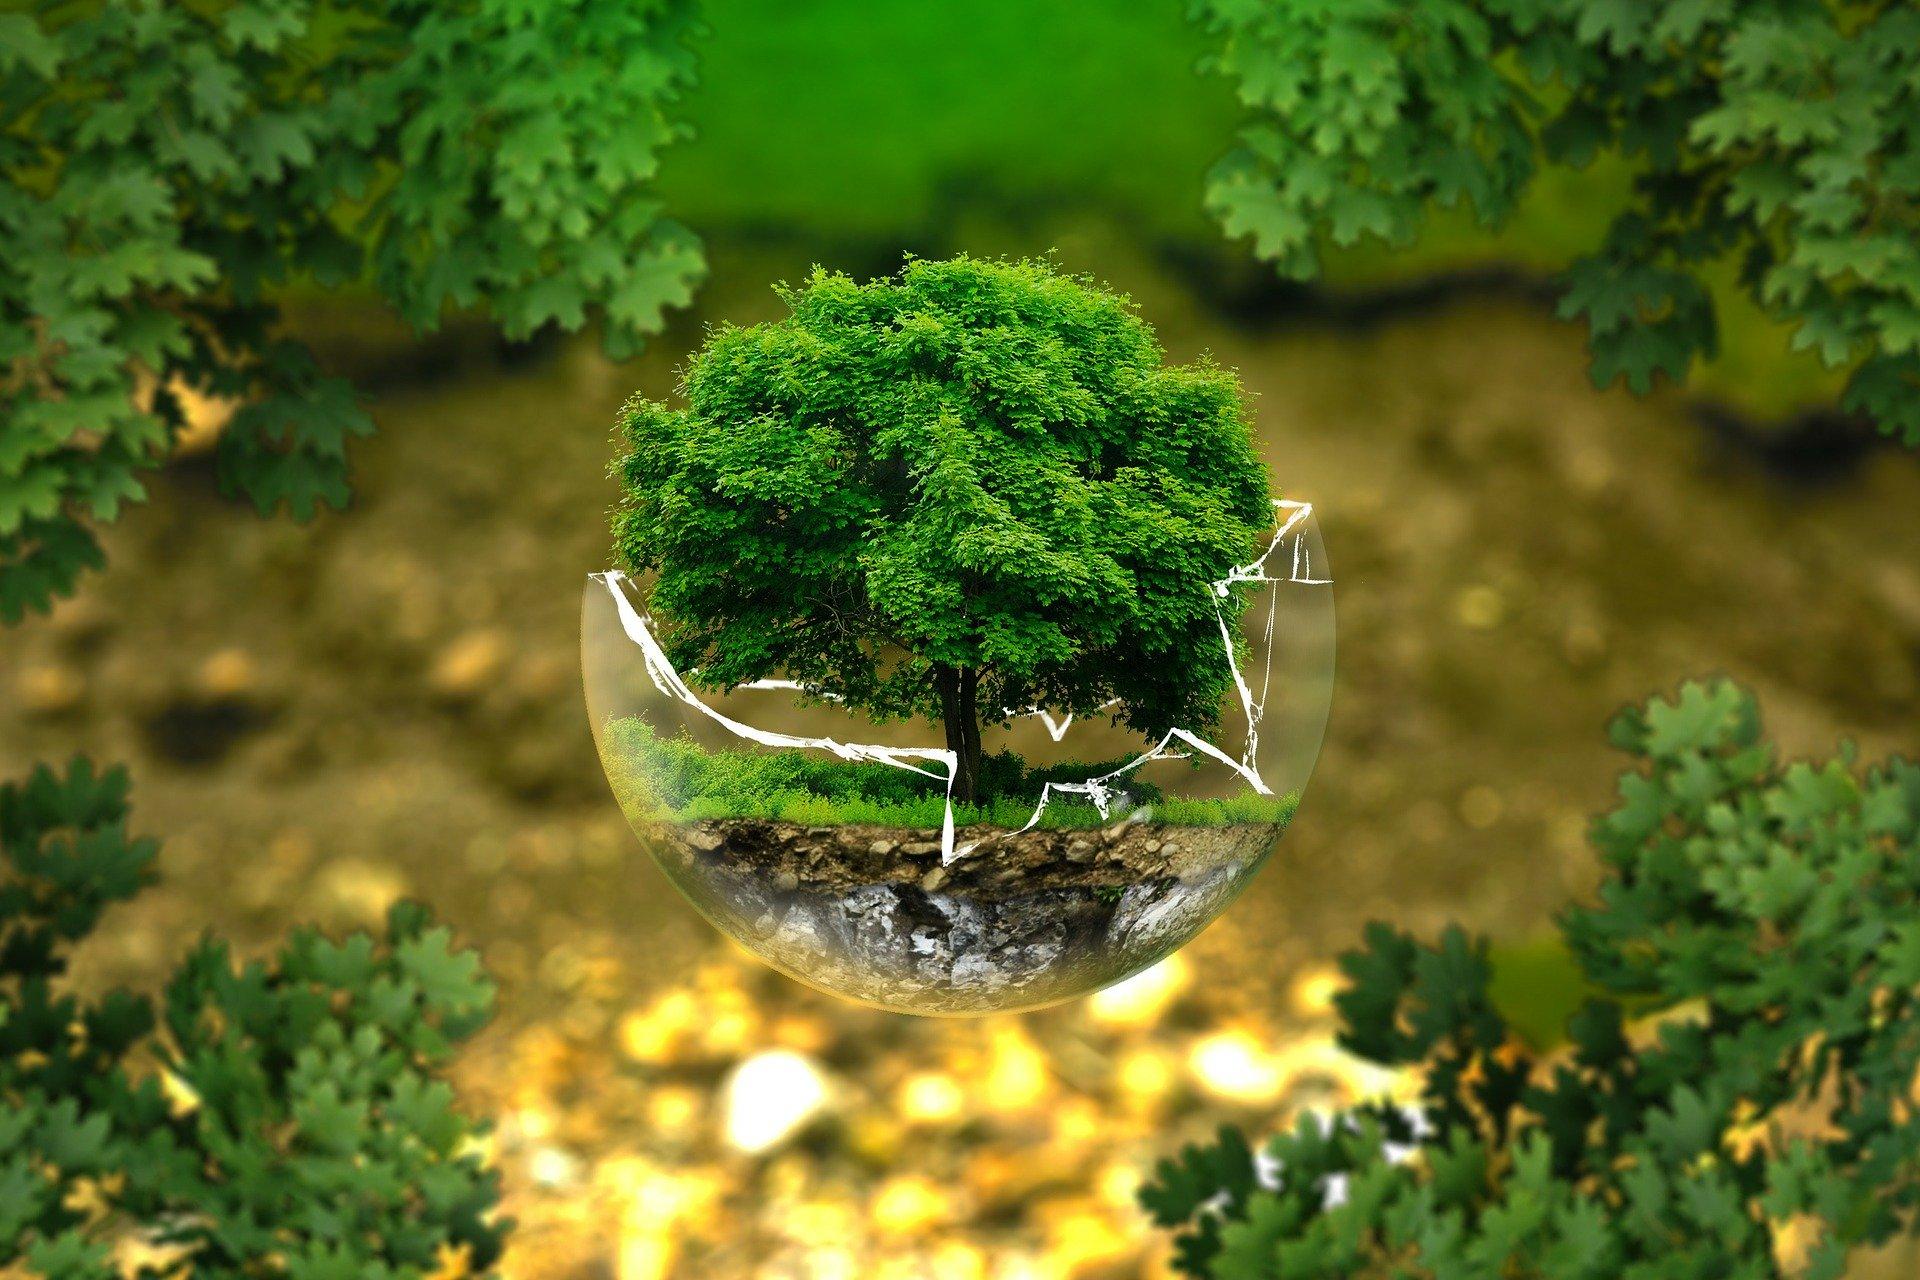 tree in broken glass sphere in forest